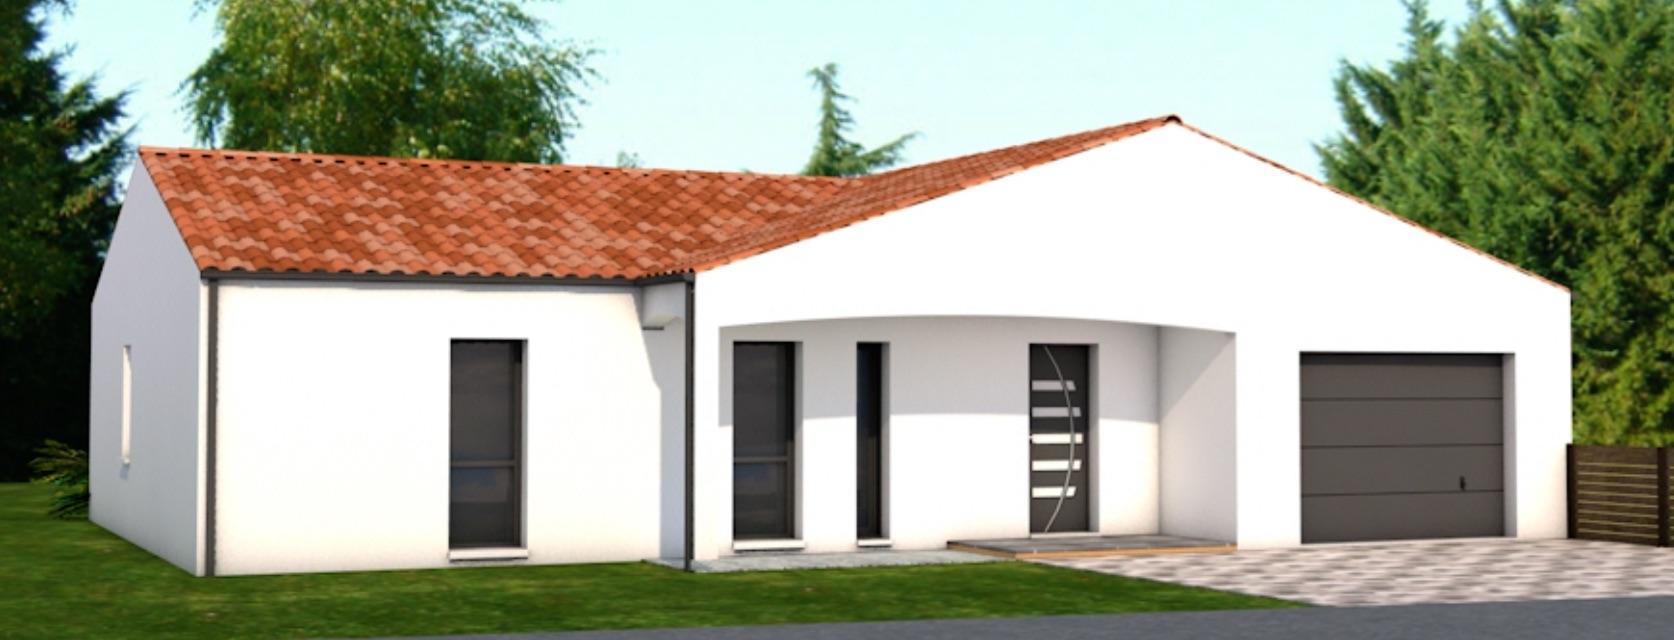 concevoir sa maison avec les b tisseurs challandais. Black Bedroom Furniture Sets. Home Design Ideas